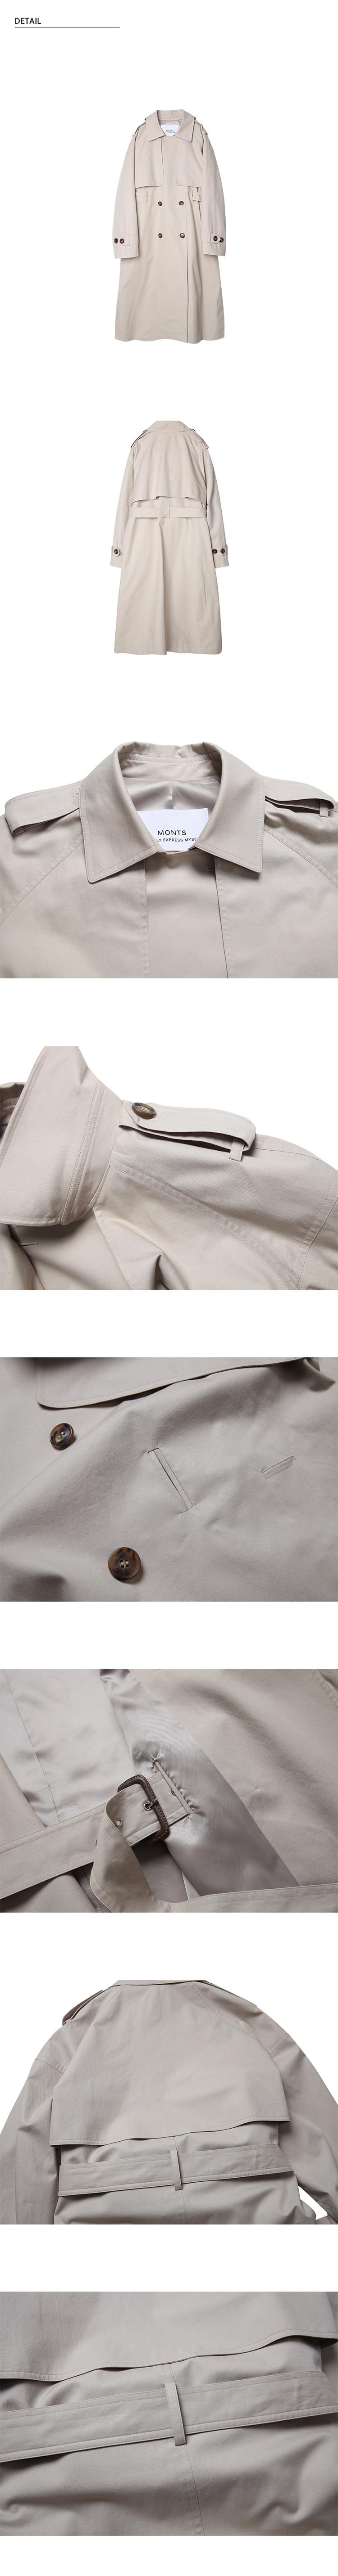 몬츠(MONTS) 883 belted slit trench coat (beige)